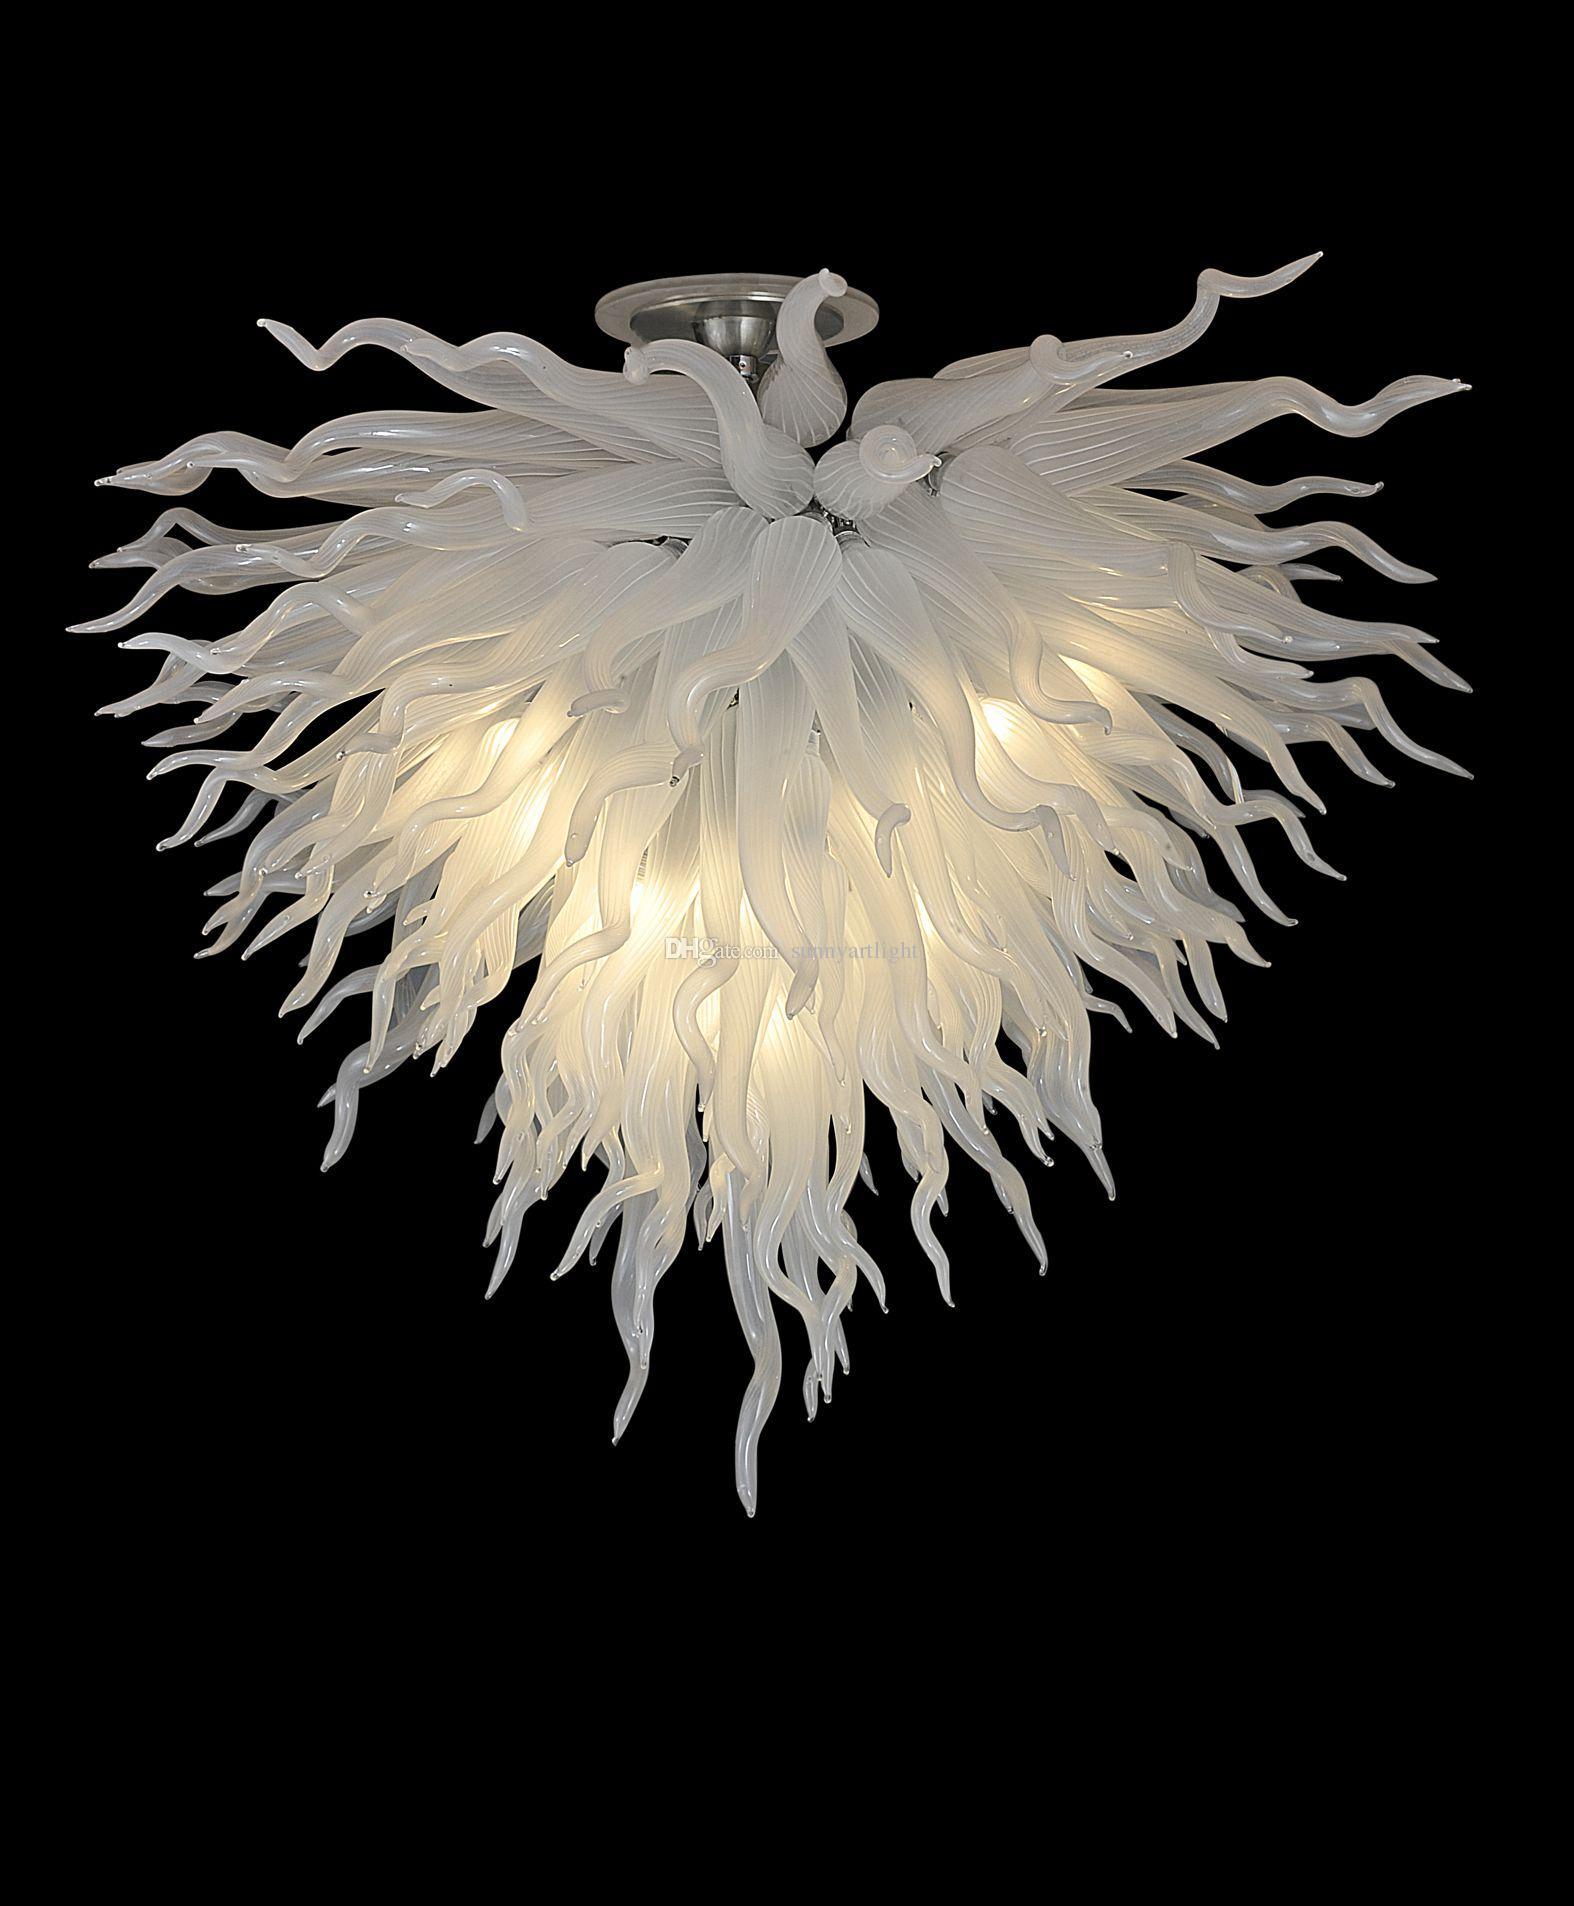 Big Sale Chihuly Art Kronleuchter Art Design Frosted White Hand Blown Murano Glas Deckenleuchten Designer